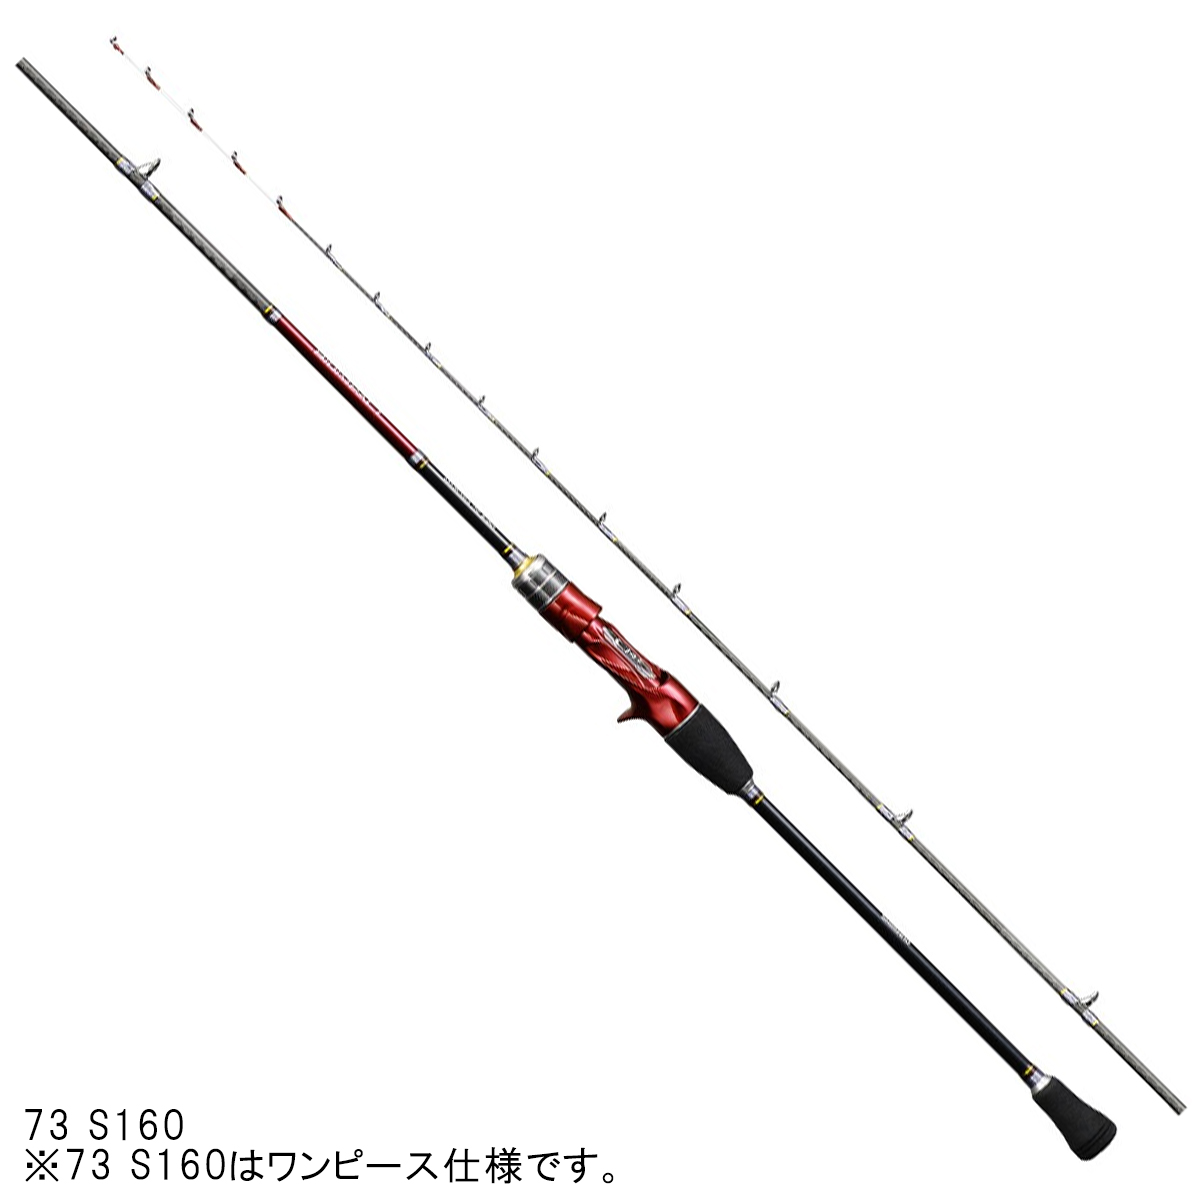 シマノ バイオインパクト マルイカ 73 S160【大型商品】(東日本店)